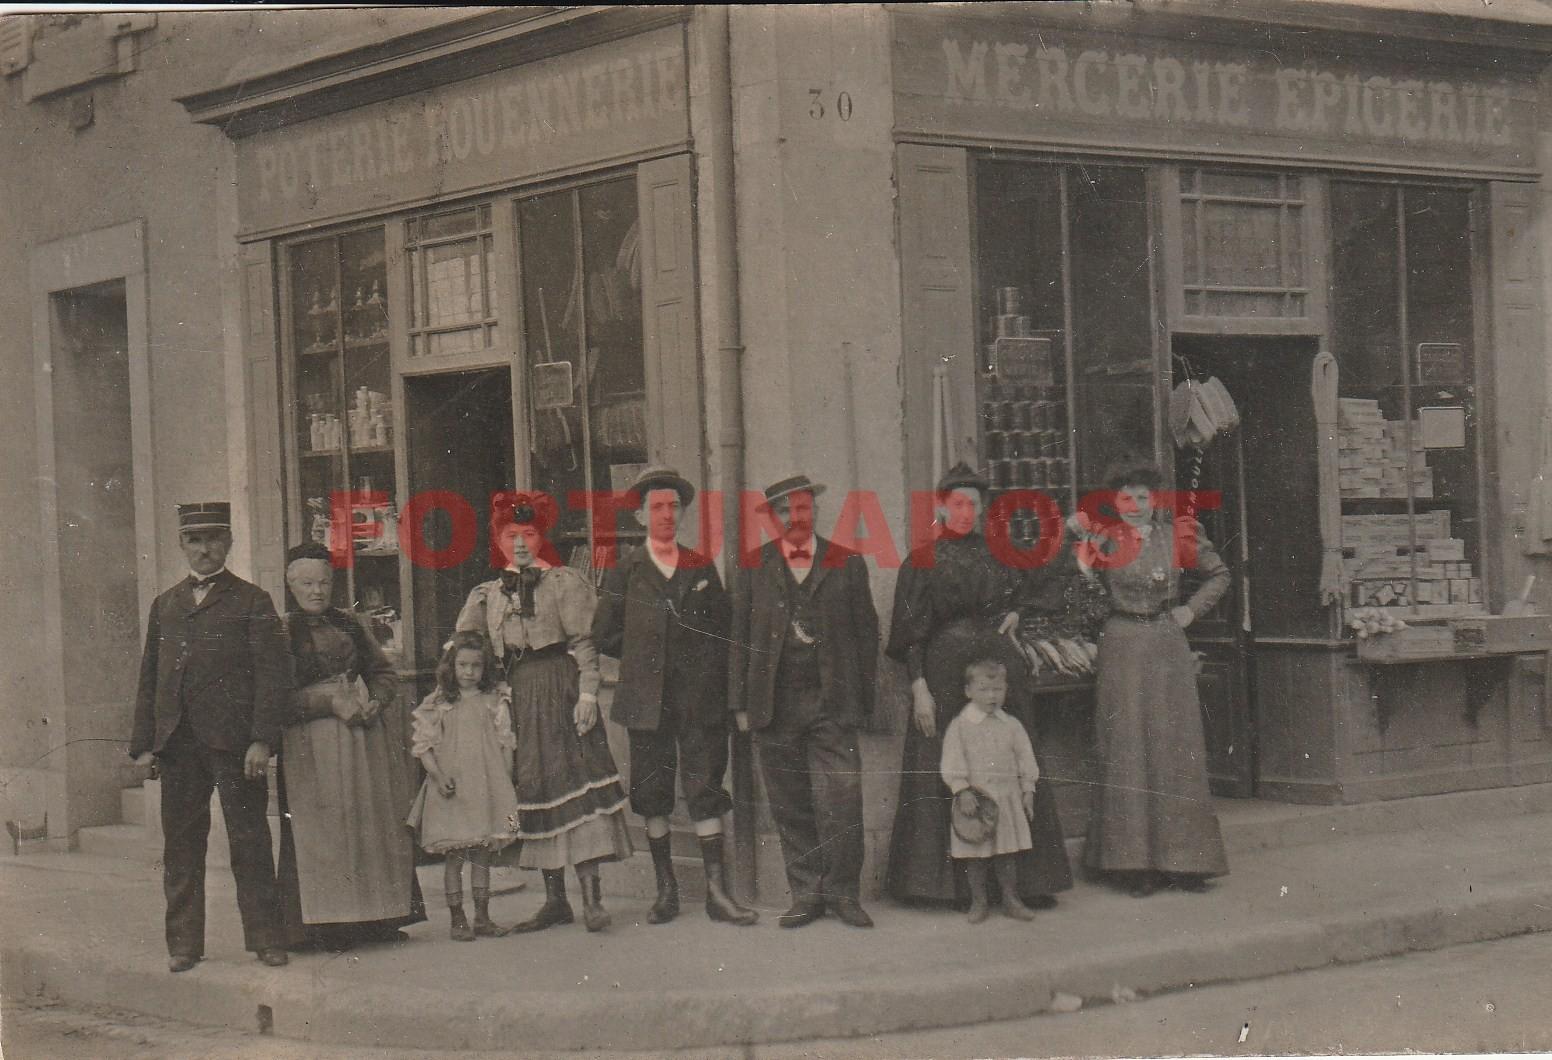 03 COMMENTRY. Mercerie Epicerie Poterie Rouennerie Lardeau Place de la Liberté. Photo Carte Postale